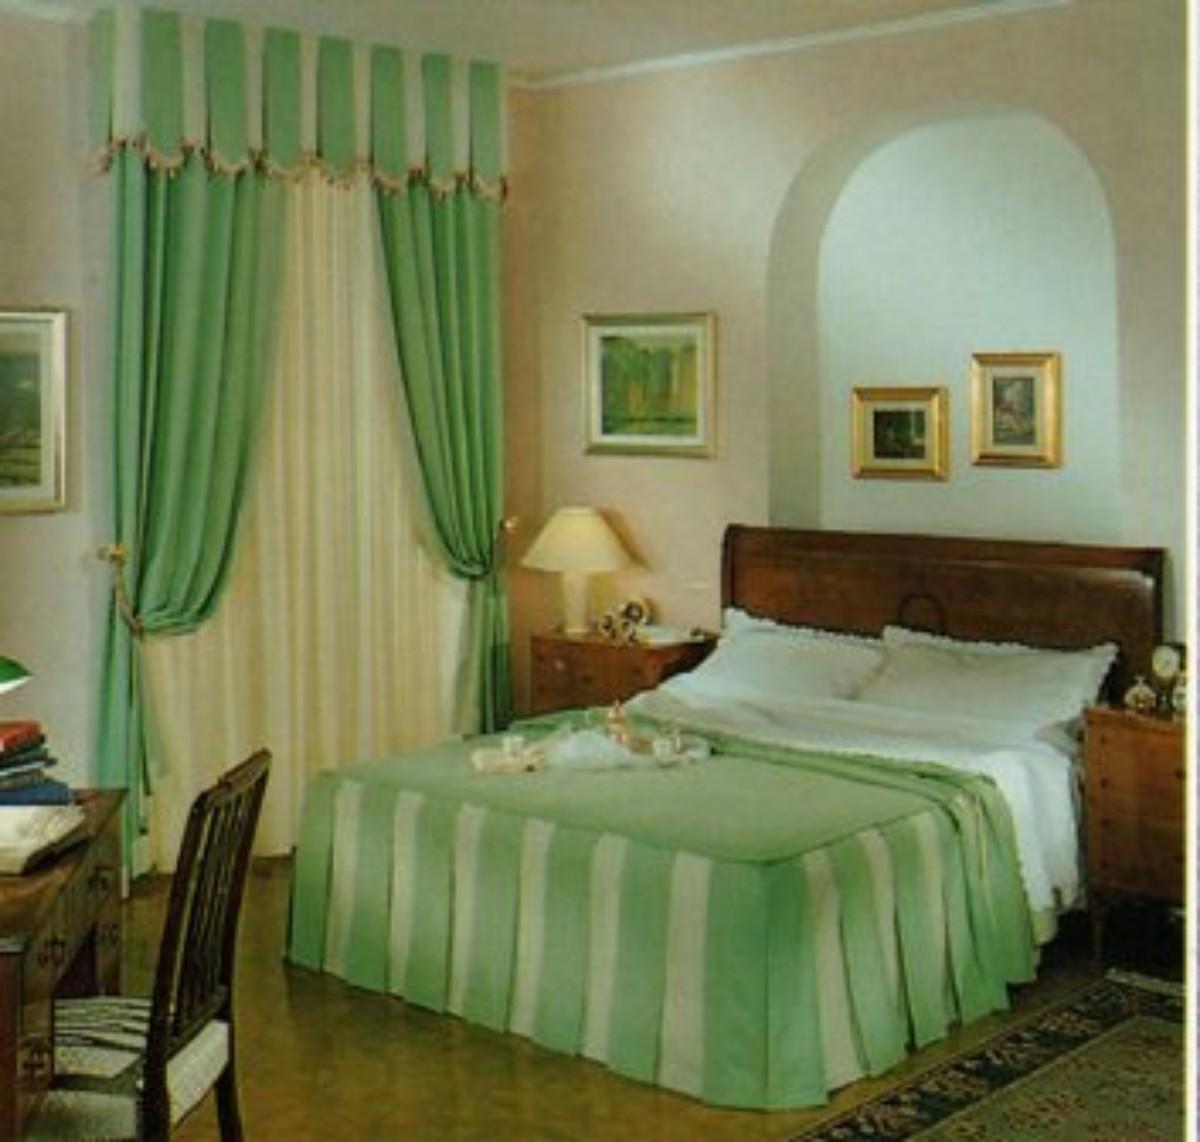 ArtigianSalotti Innovazione & Comfort #5F4914 1200 1142 Immagini Di Cucine Vintage